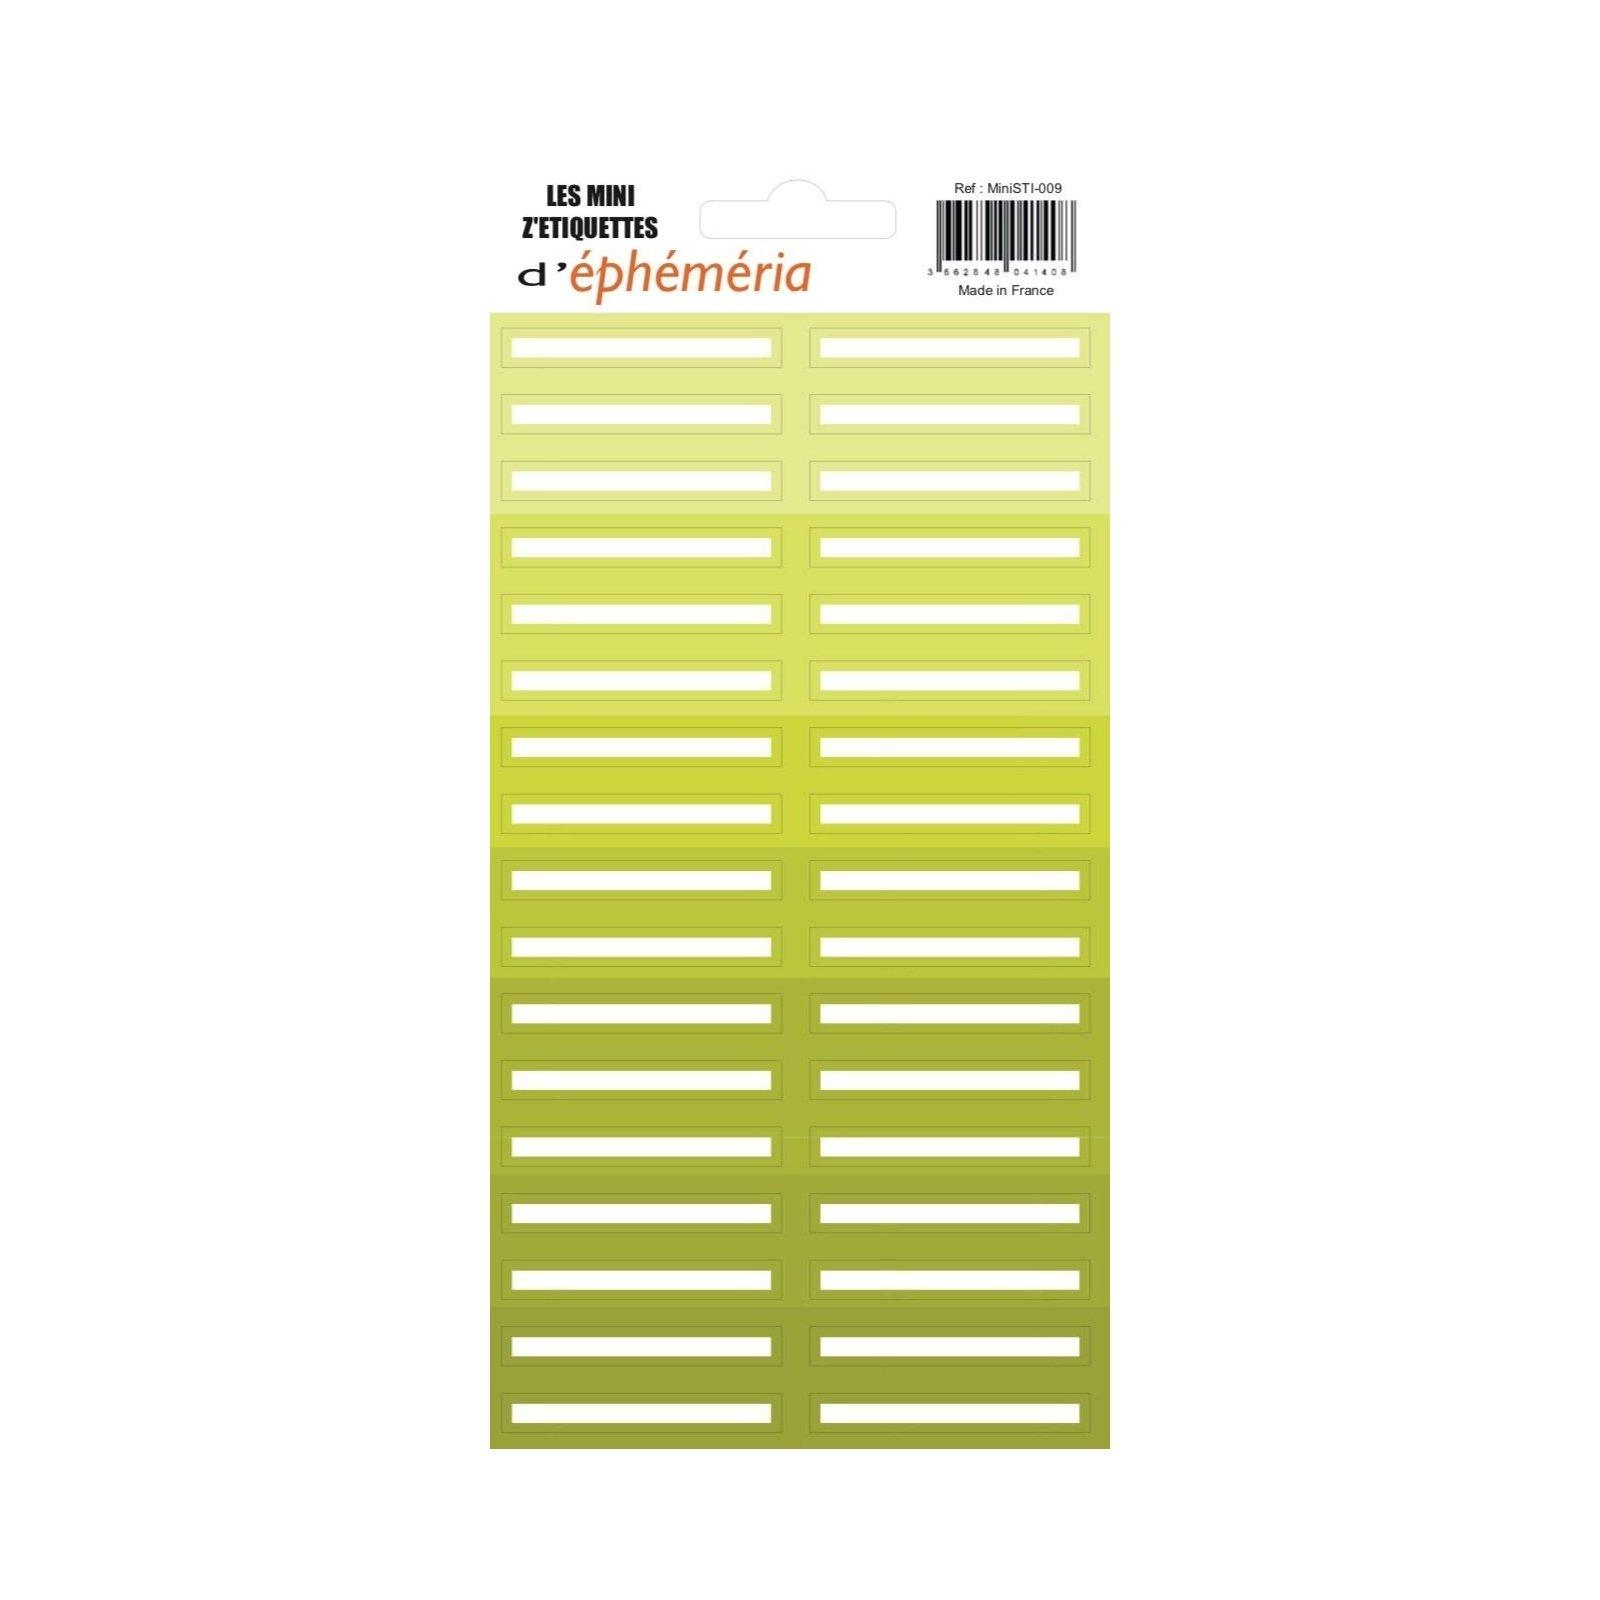 Les mini z'étiquettes - Nuances d'anis - Ephemeria